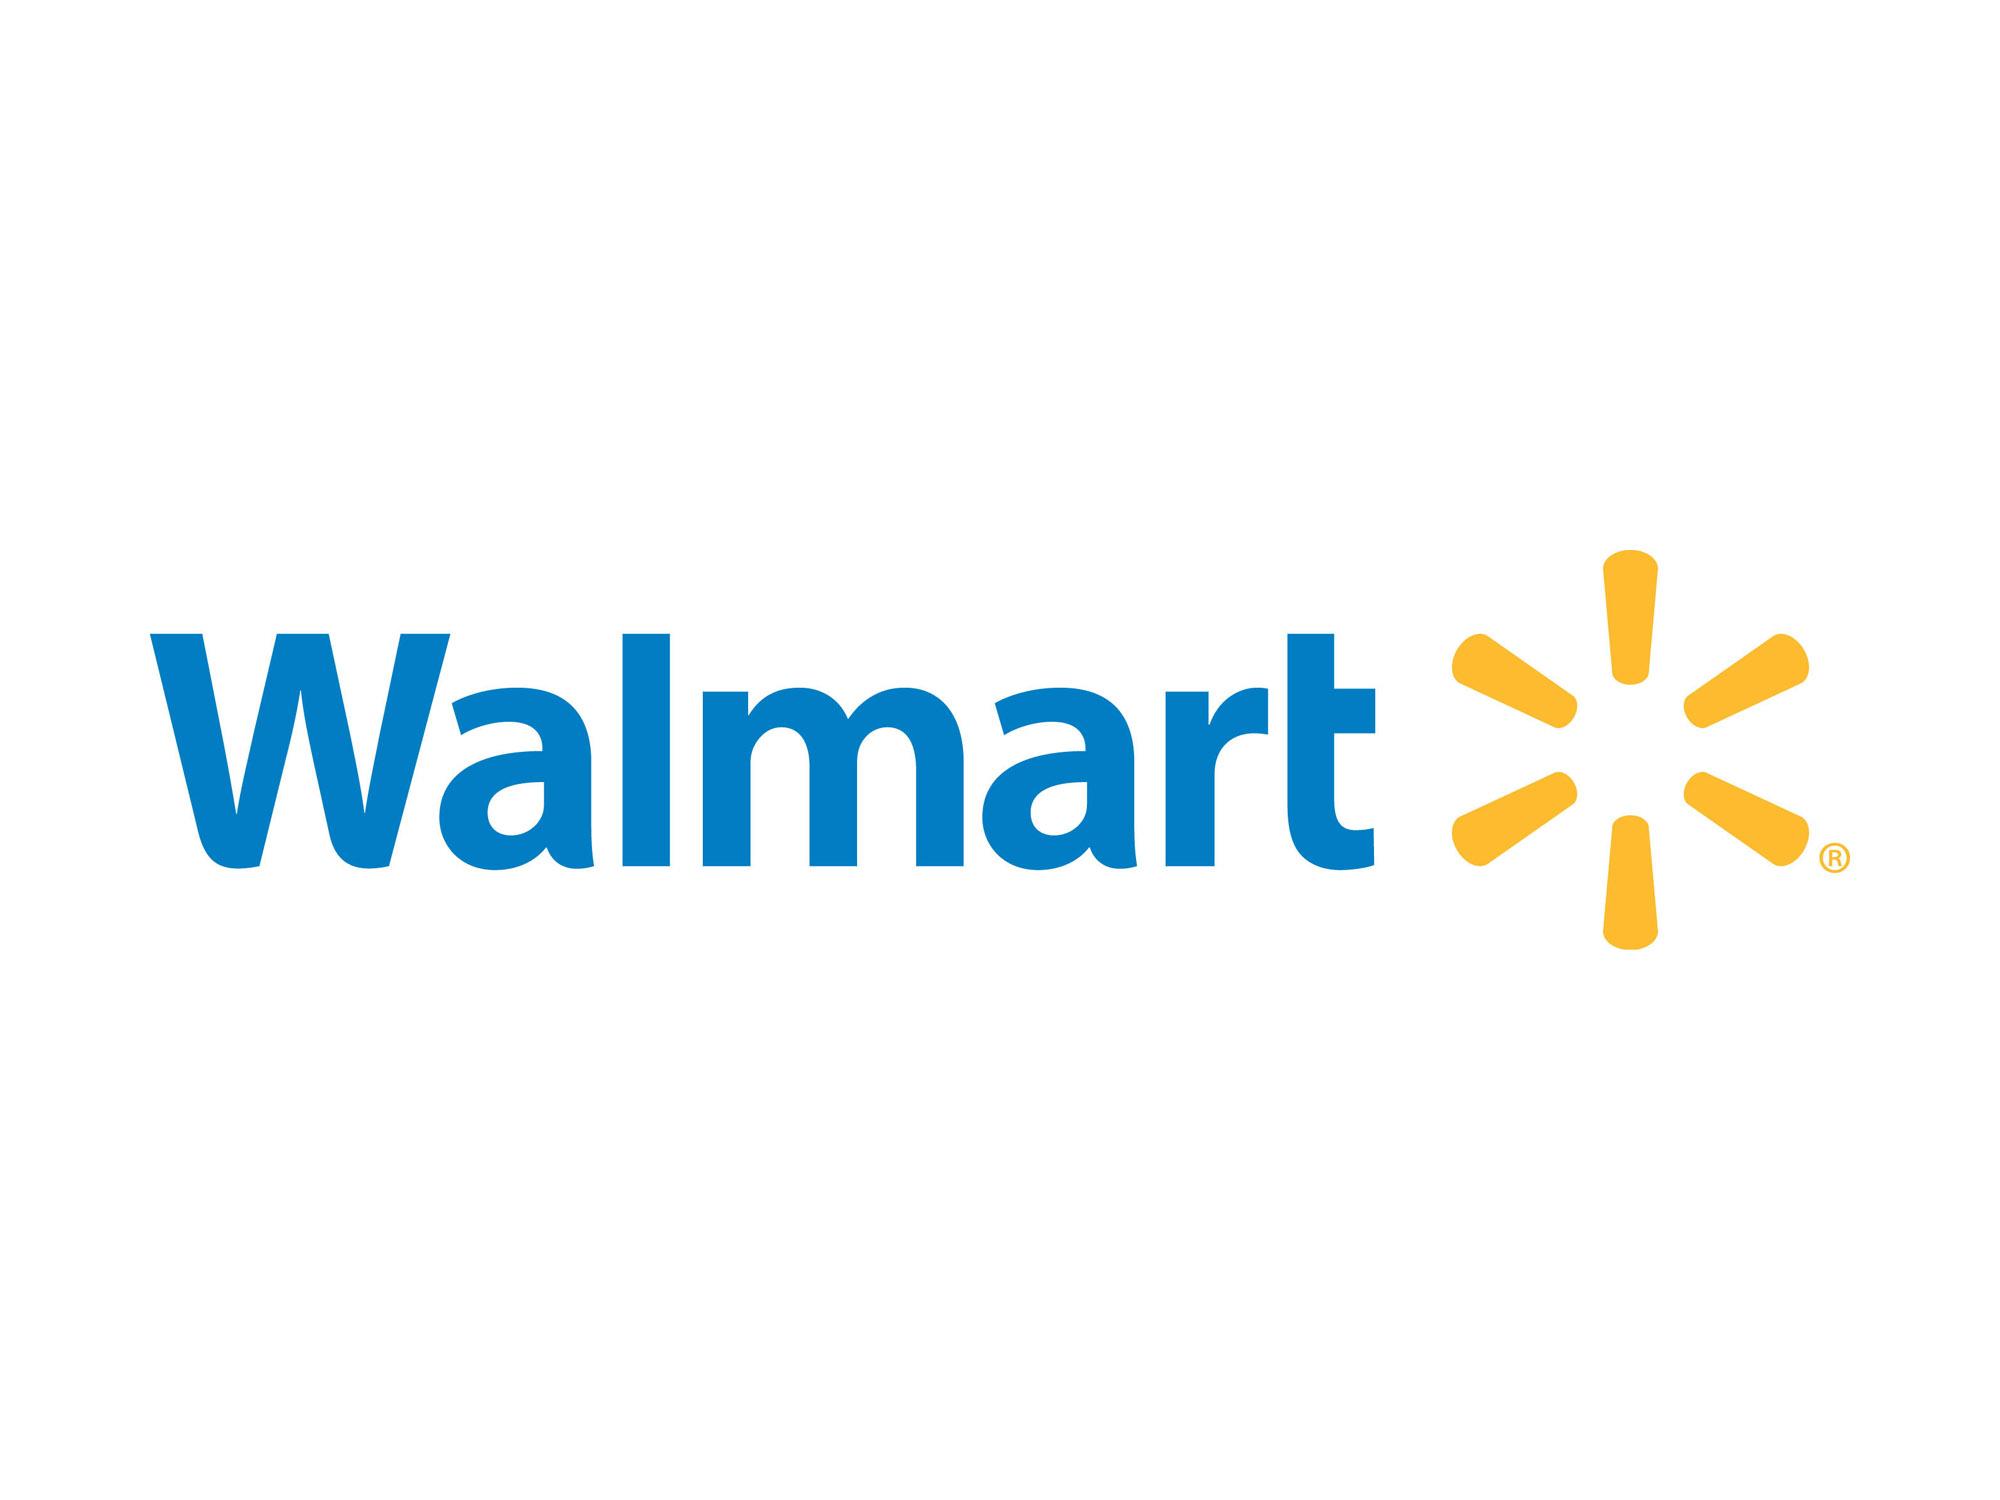 walmart logo.jpg